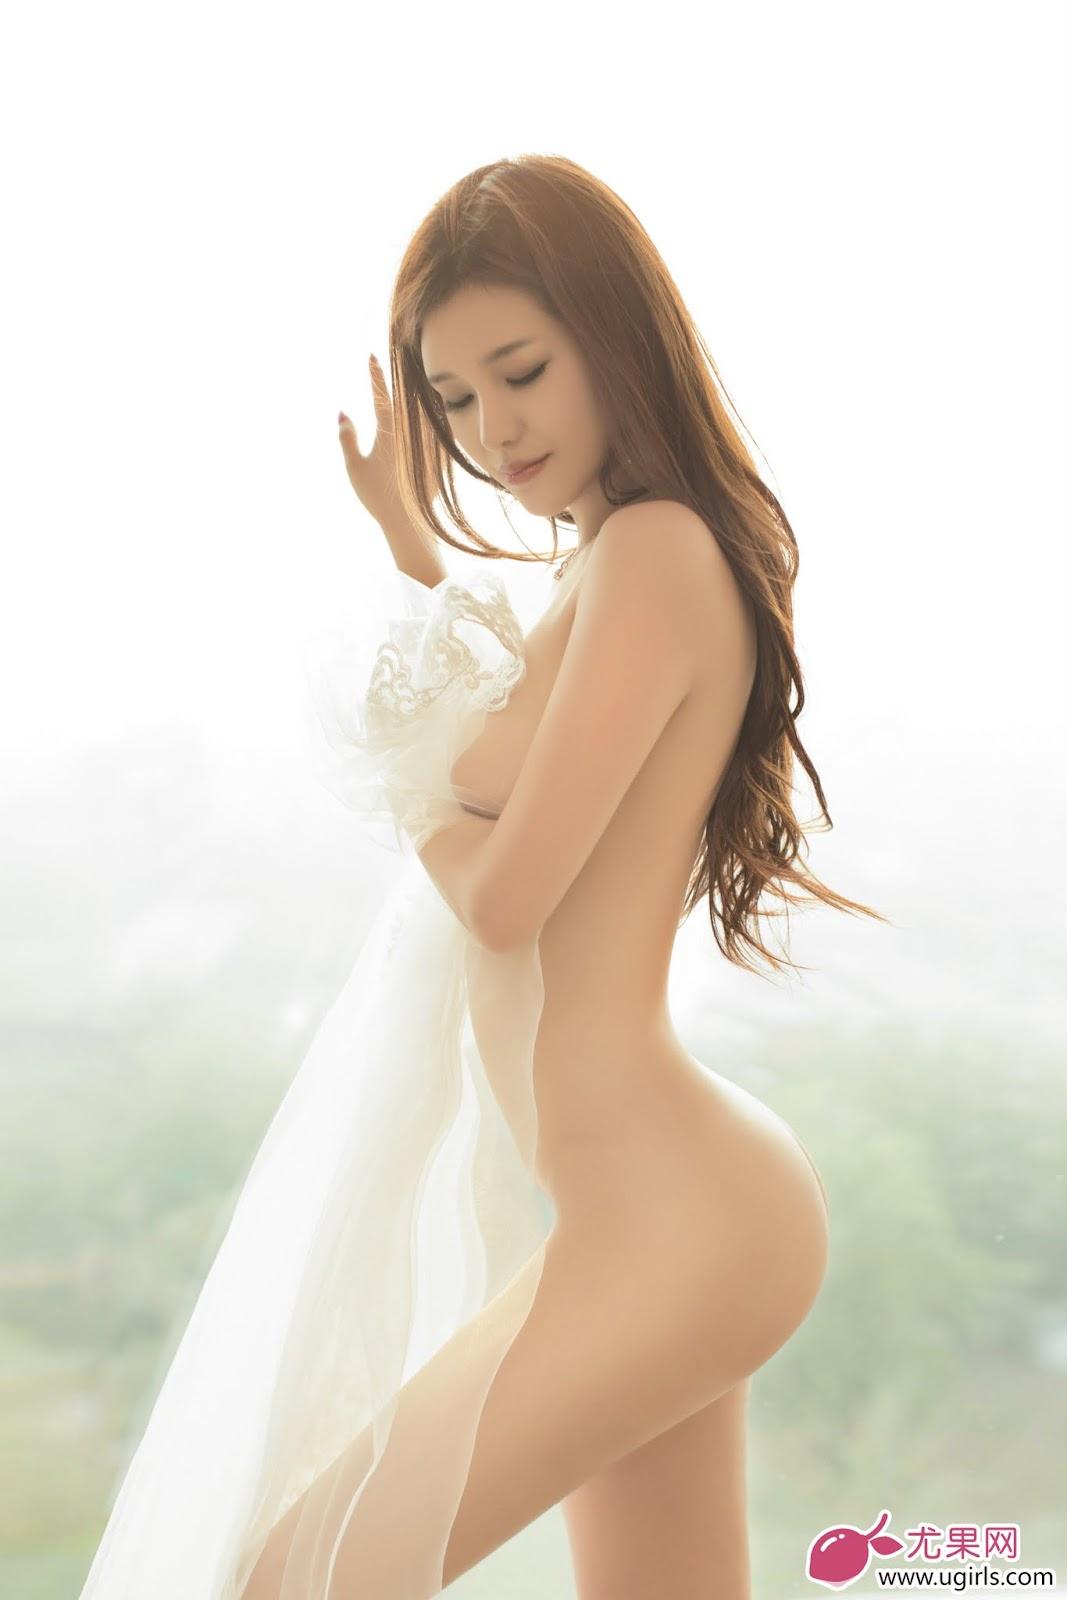 Ugirls No.016 Model 纯小希 (Chun Xiao Xi)